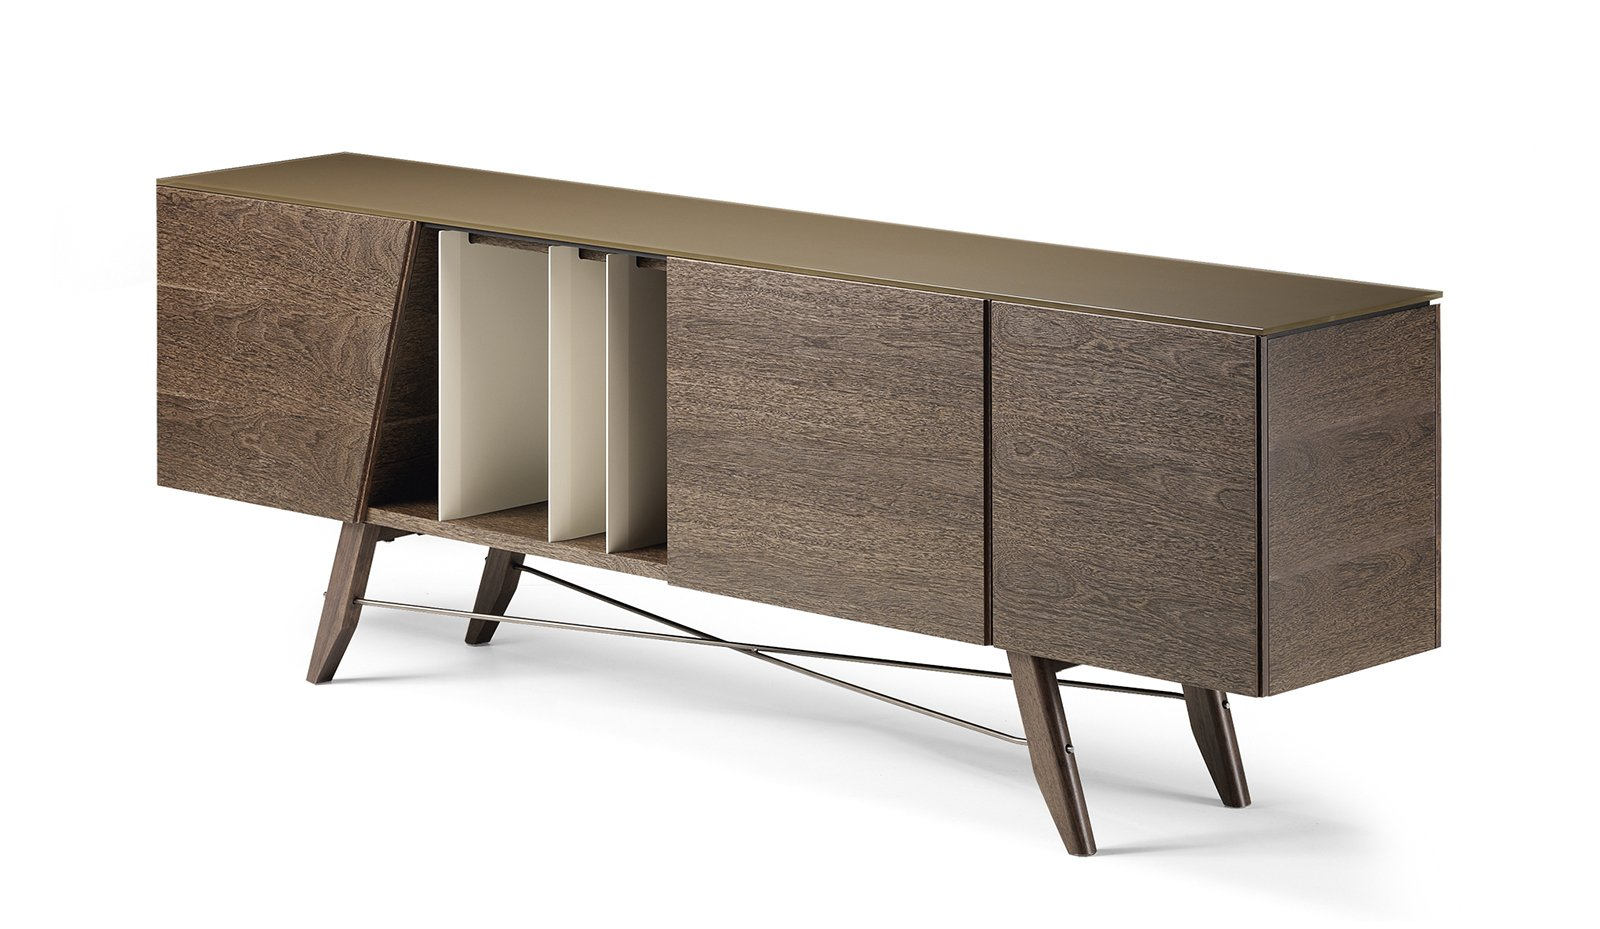 Ikea soggiorno componibile : ikea componibili soggiorno. ikea ...